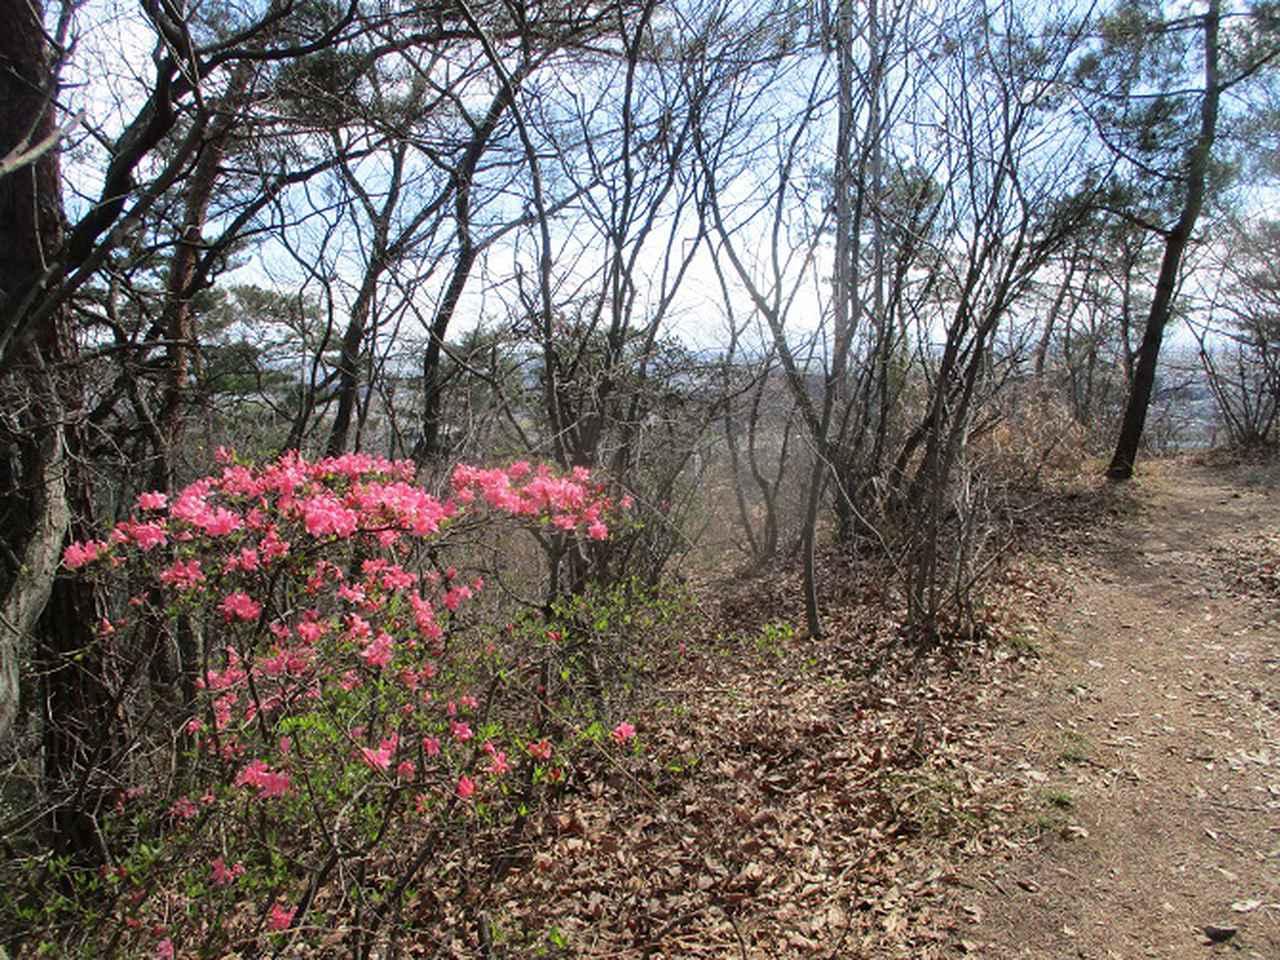 画像10: 4月の山旅会 両崖山から天狗山 ツアーの下見に行ってきました!